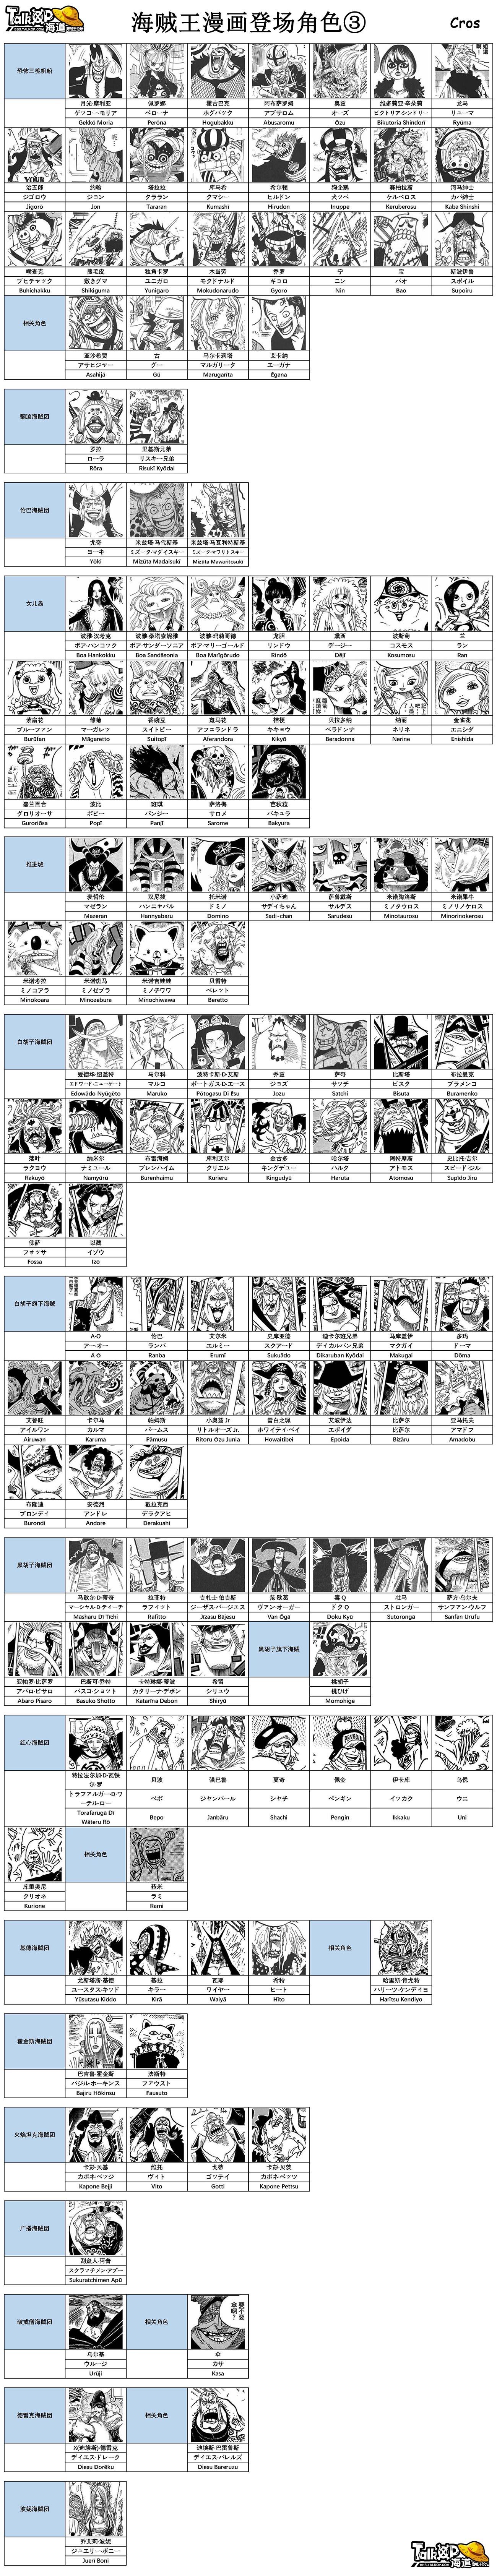 角色列表03-A.jpg